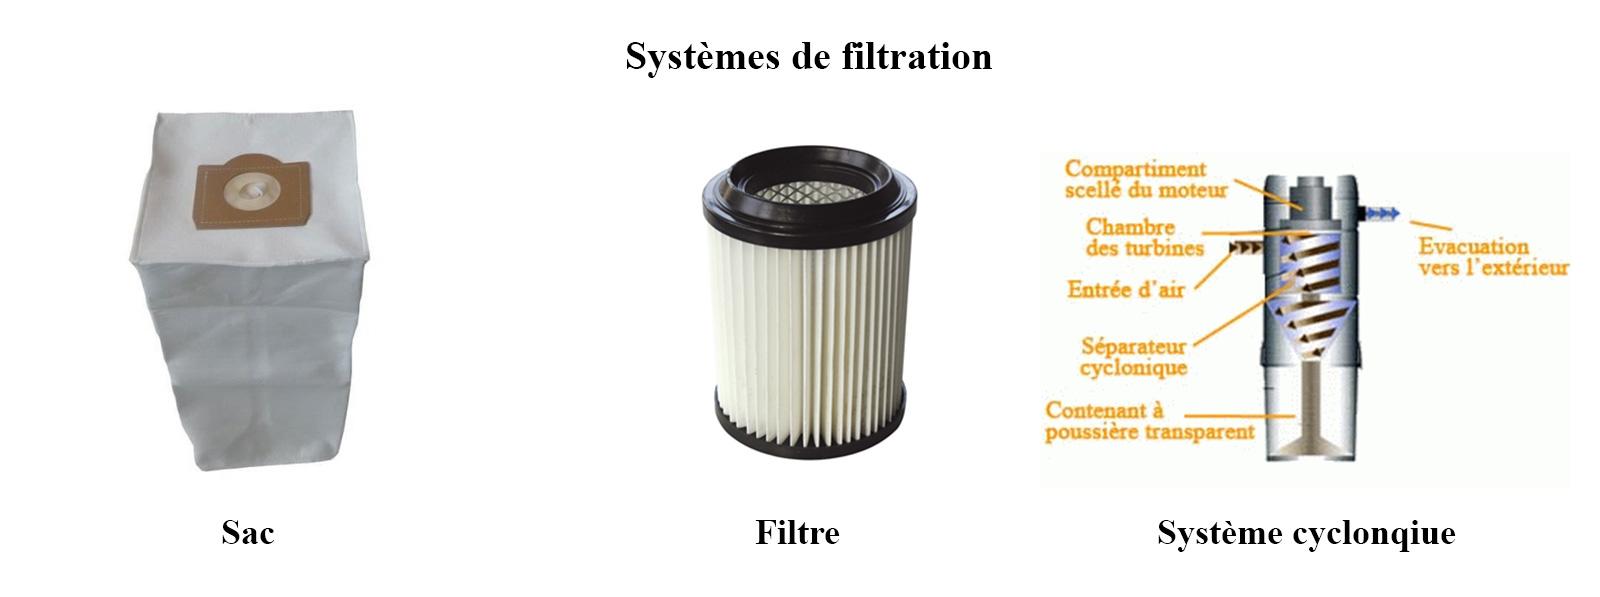 Voici les différents systèmes de filtration pour les centrales d'aspiration centralisée